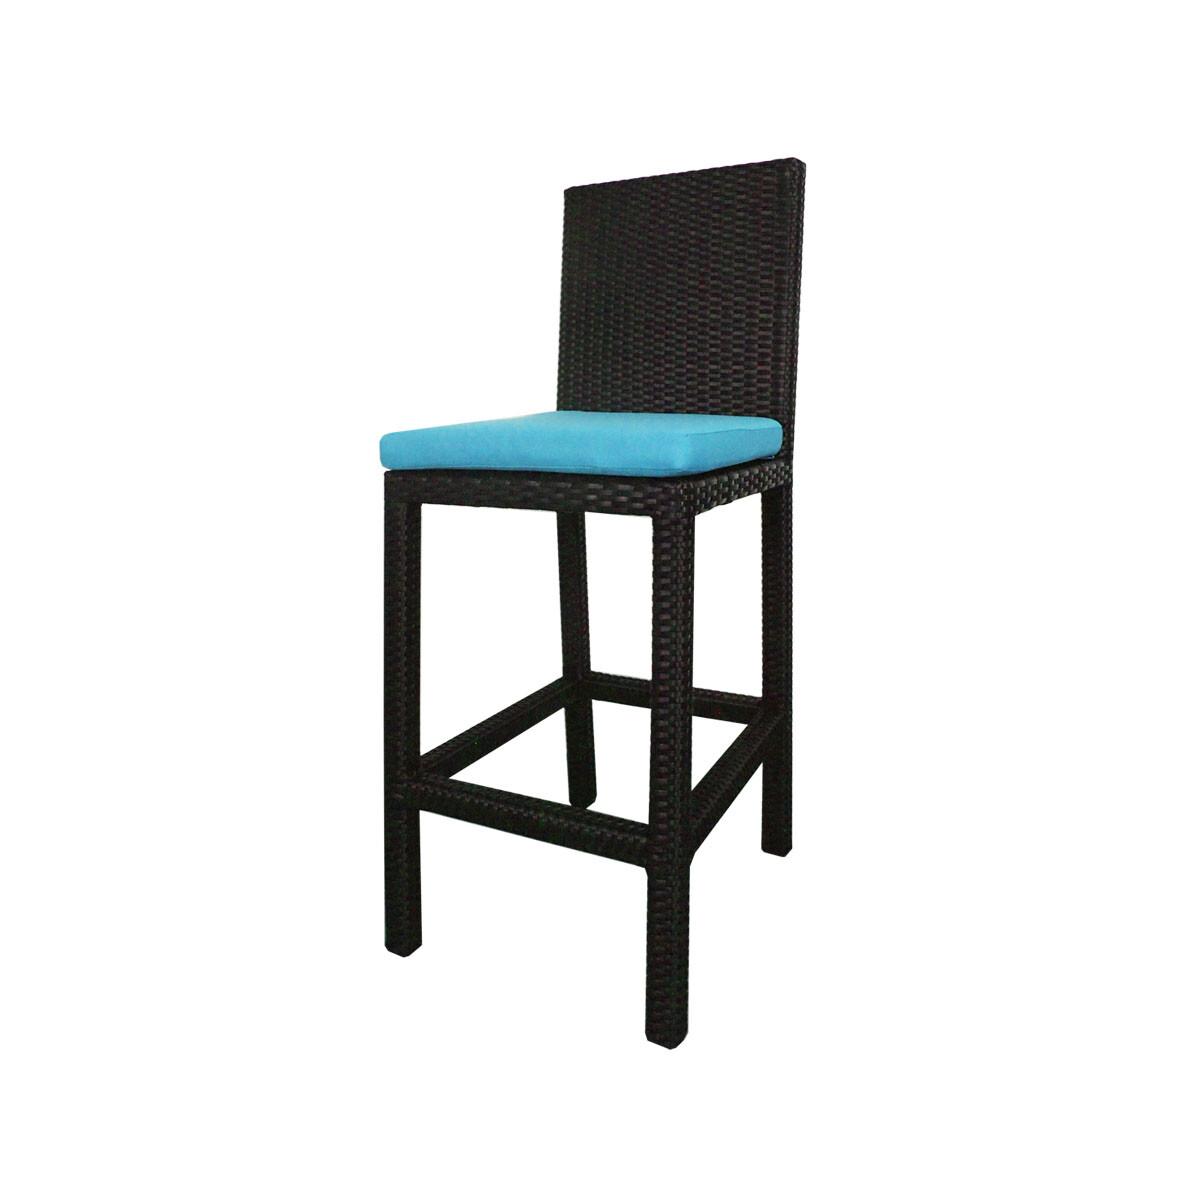 Midas 2 Chair Bar Set Blue Cushion Furniture Home D Cor Fortytwo